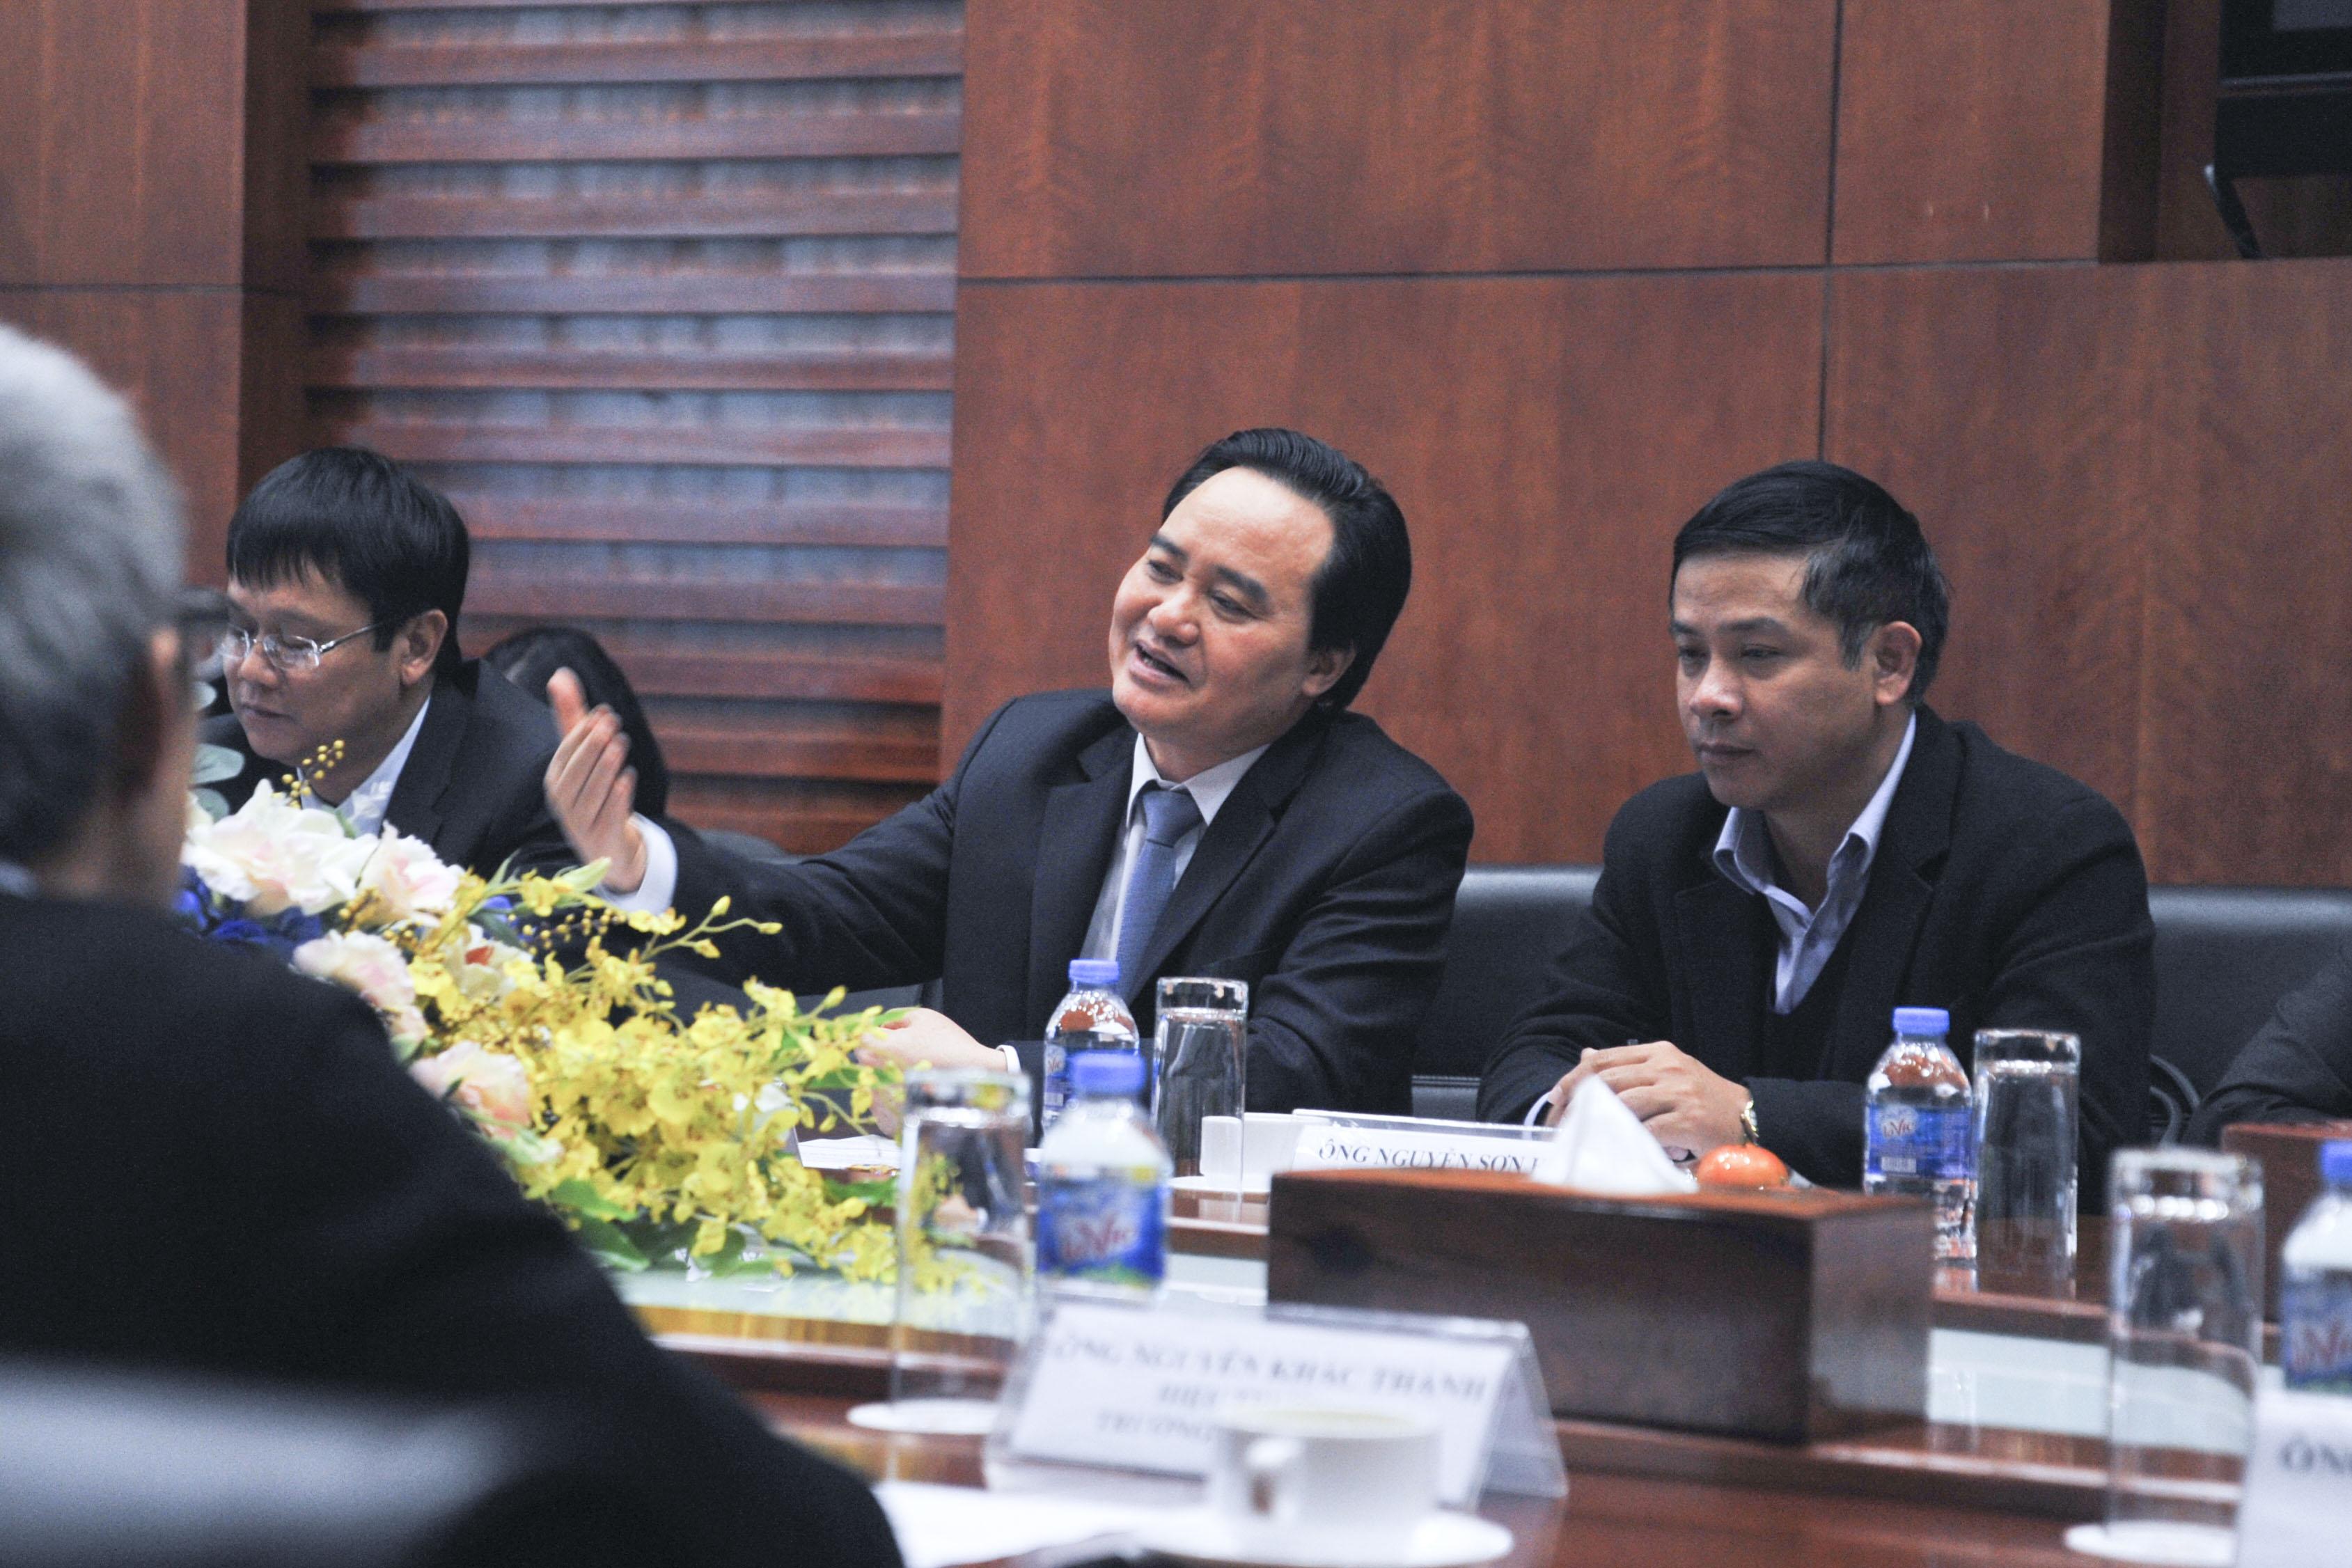 Theo Bộ trưởng, đẩy mạnh ứng dụng công nghệ thông tin trong quản lý dạy và học là một trong những mục tiêu hàng đầu trong thời gian tới. Bộ trưởng mong muốn FPT sẽ tiên phong trên con đường đào tạo ra những kĩ sư, những trung tâm nghiên cứu về trí tuệ nhân tạo AI. Bộ trưởng tin tưởng FPT sẽ có những đóng góp tích cực hơn nữa cho Việt Nam nói chung và ngành giáo dục nói riêng.